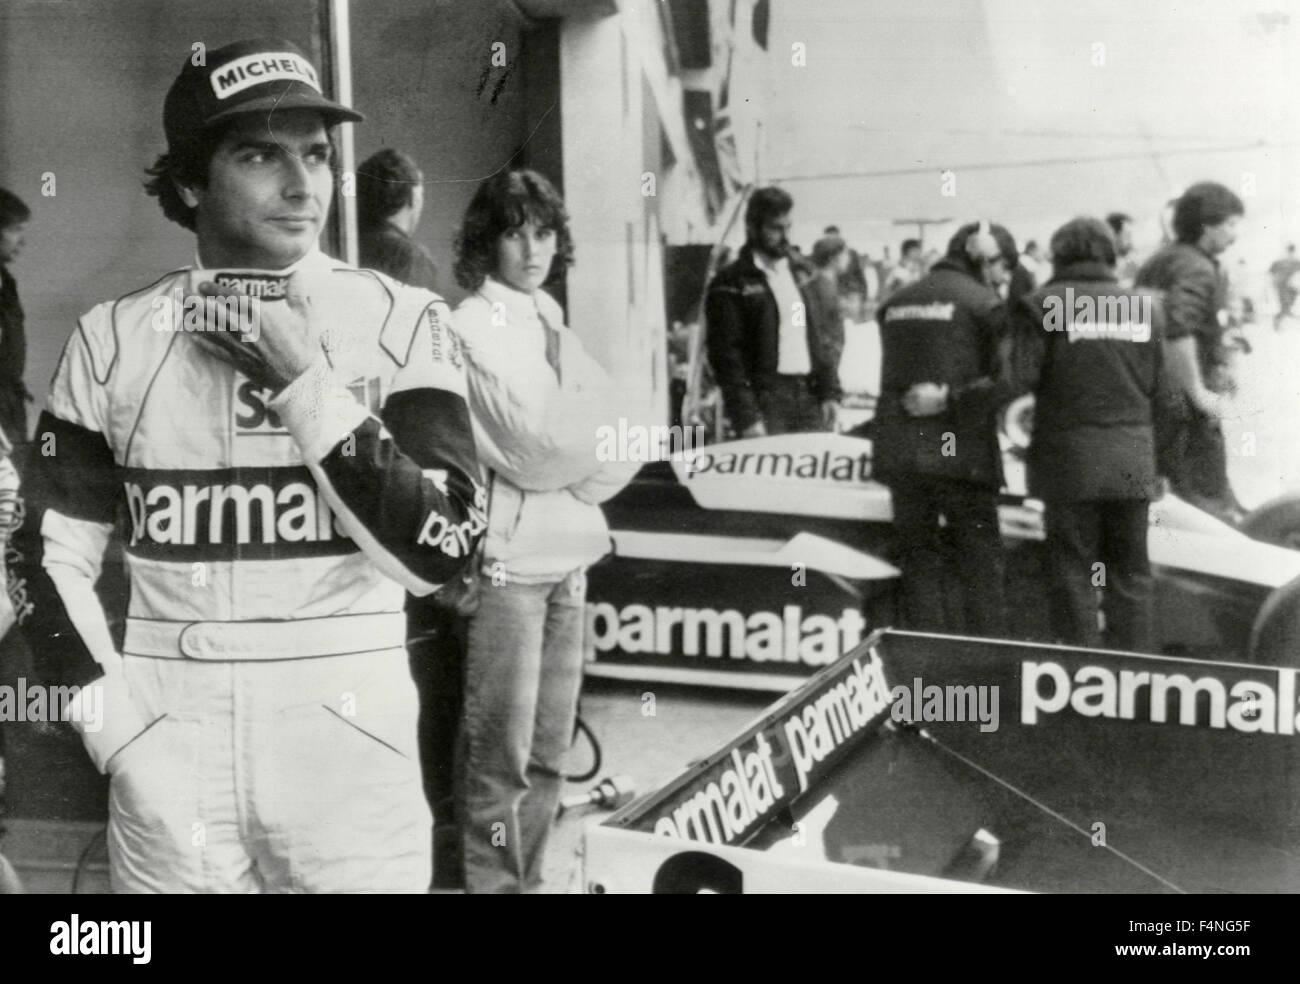 Brasilianischer Rennfahrer